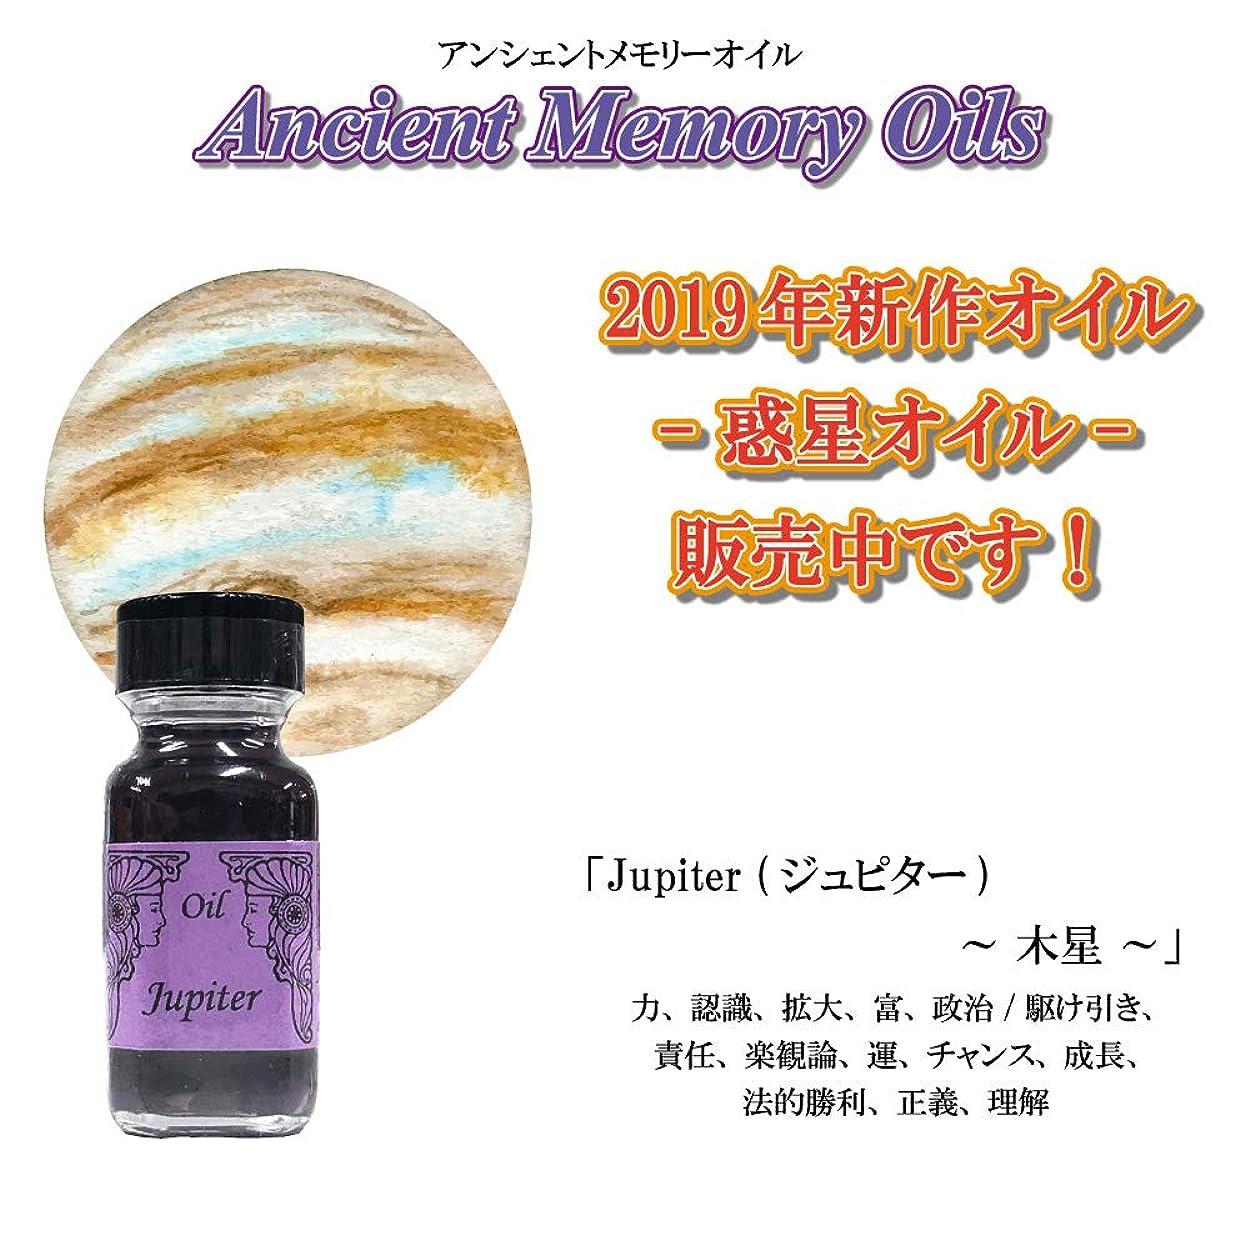 無意識浴遺産SEDONA Ancient Memory Oils セドナ アンシェントメモリーオイル 惑星オイル Jupiter 木星 ジュピター 15ml